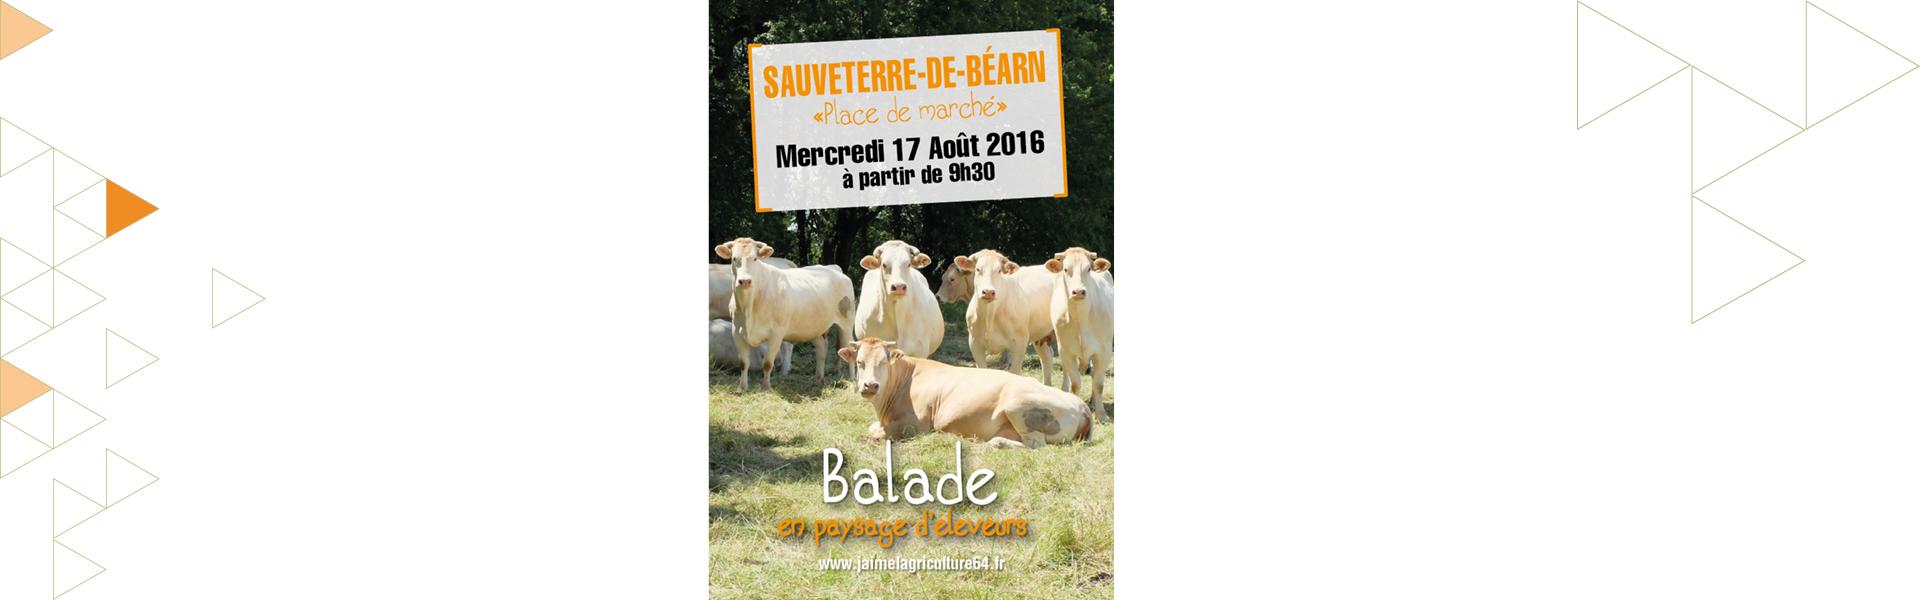 Le 17 août, venez faire une balade pleine d'air frais et rencontrez les blondes d'Aquitaine à Sauveterre-de-Béarn !